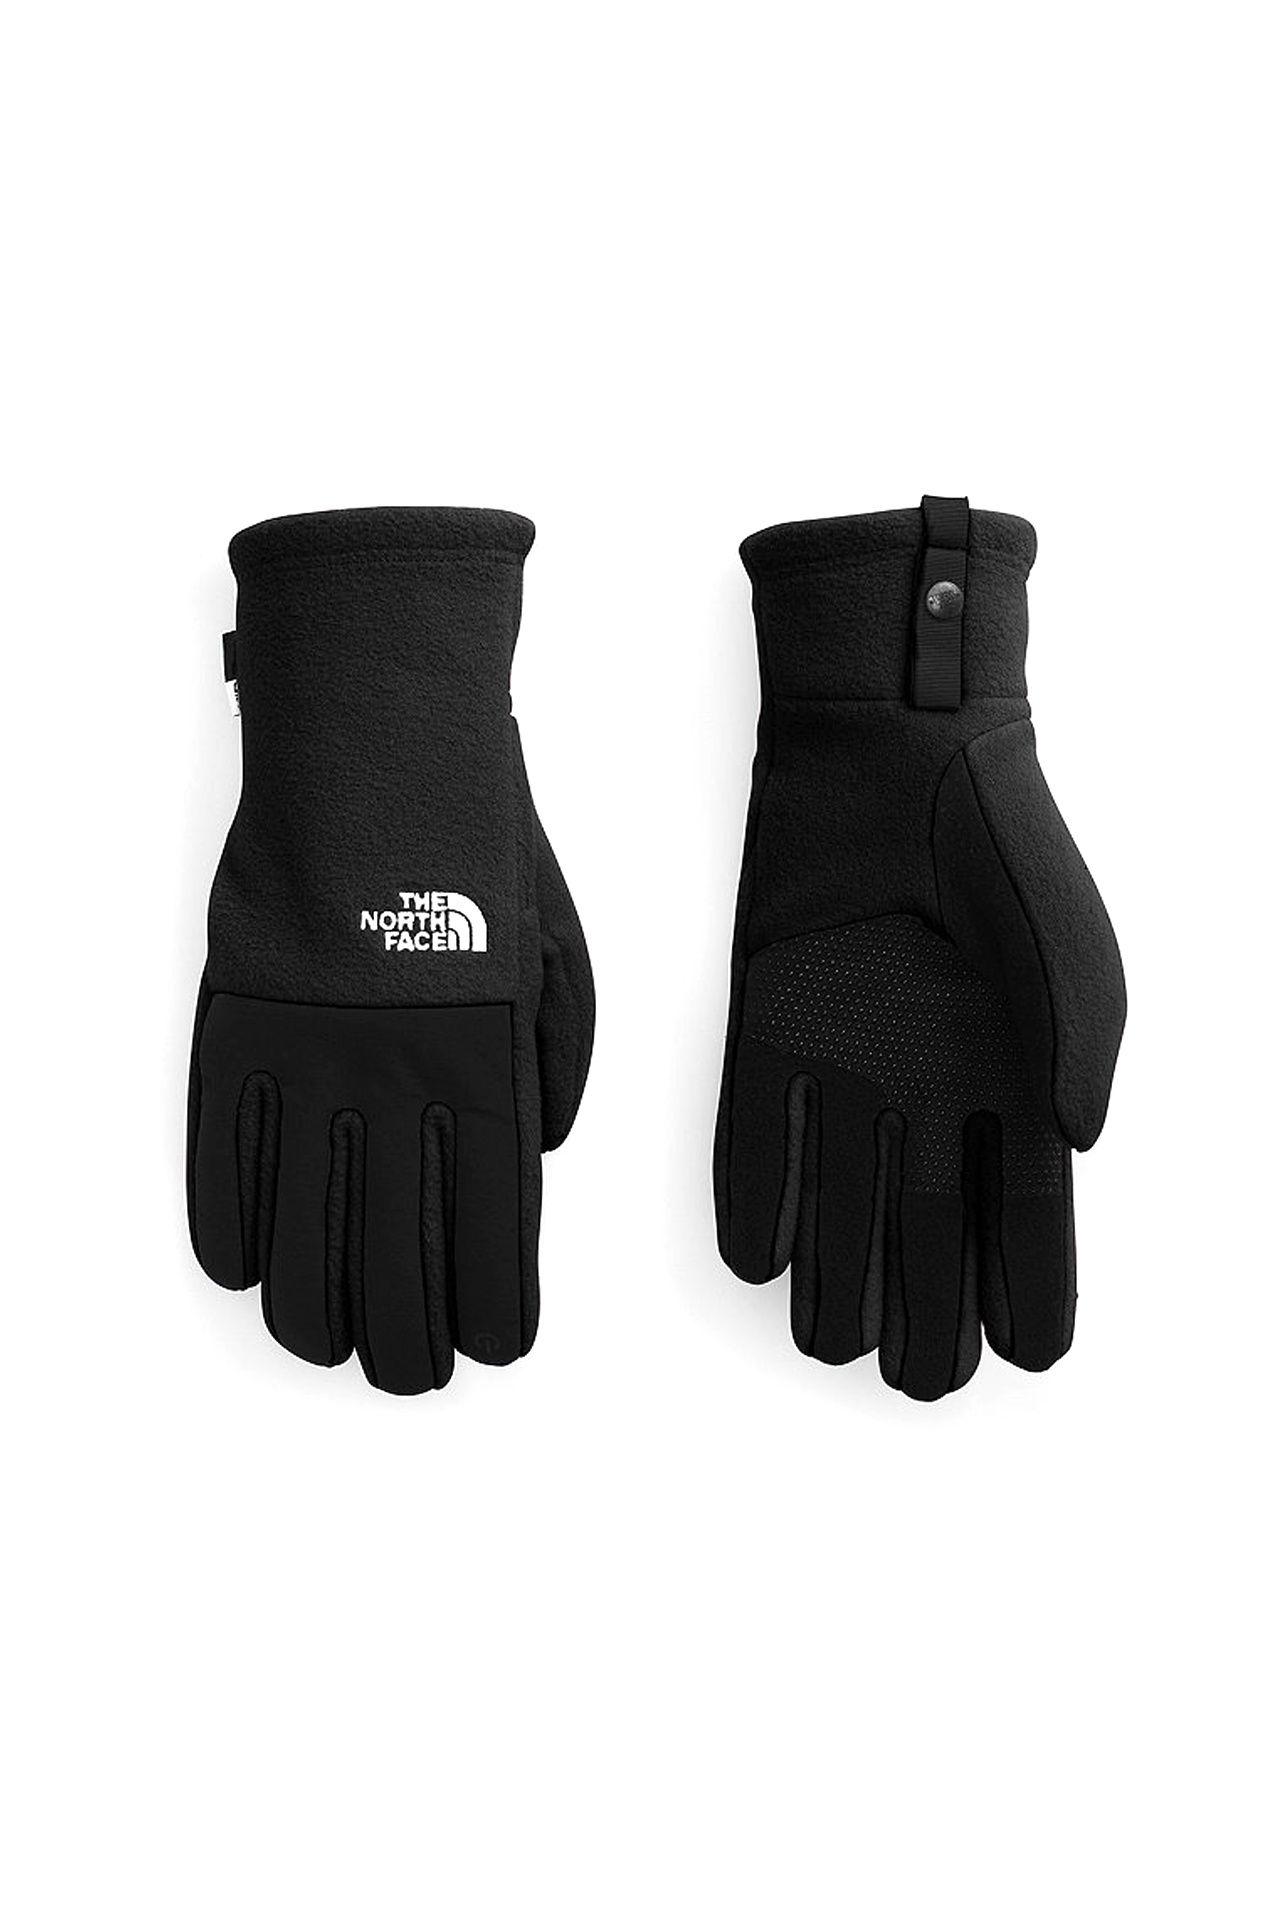 Afbeelding van The North Face Handschoenen W Denali Etip Glove Tnf Black NF0A4SH7JK31